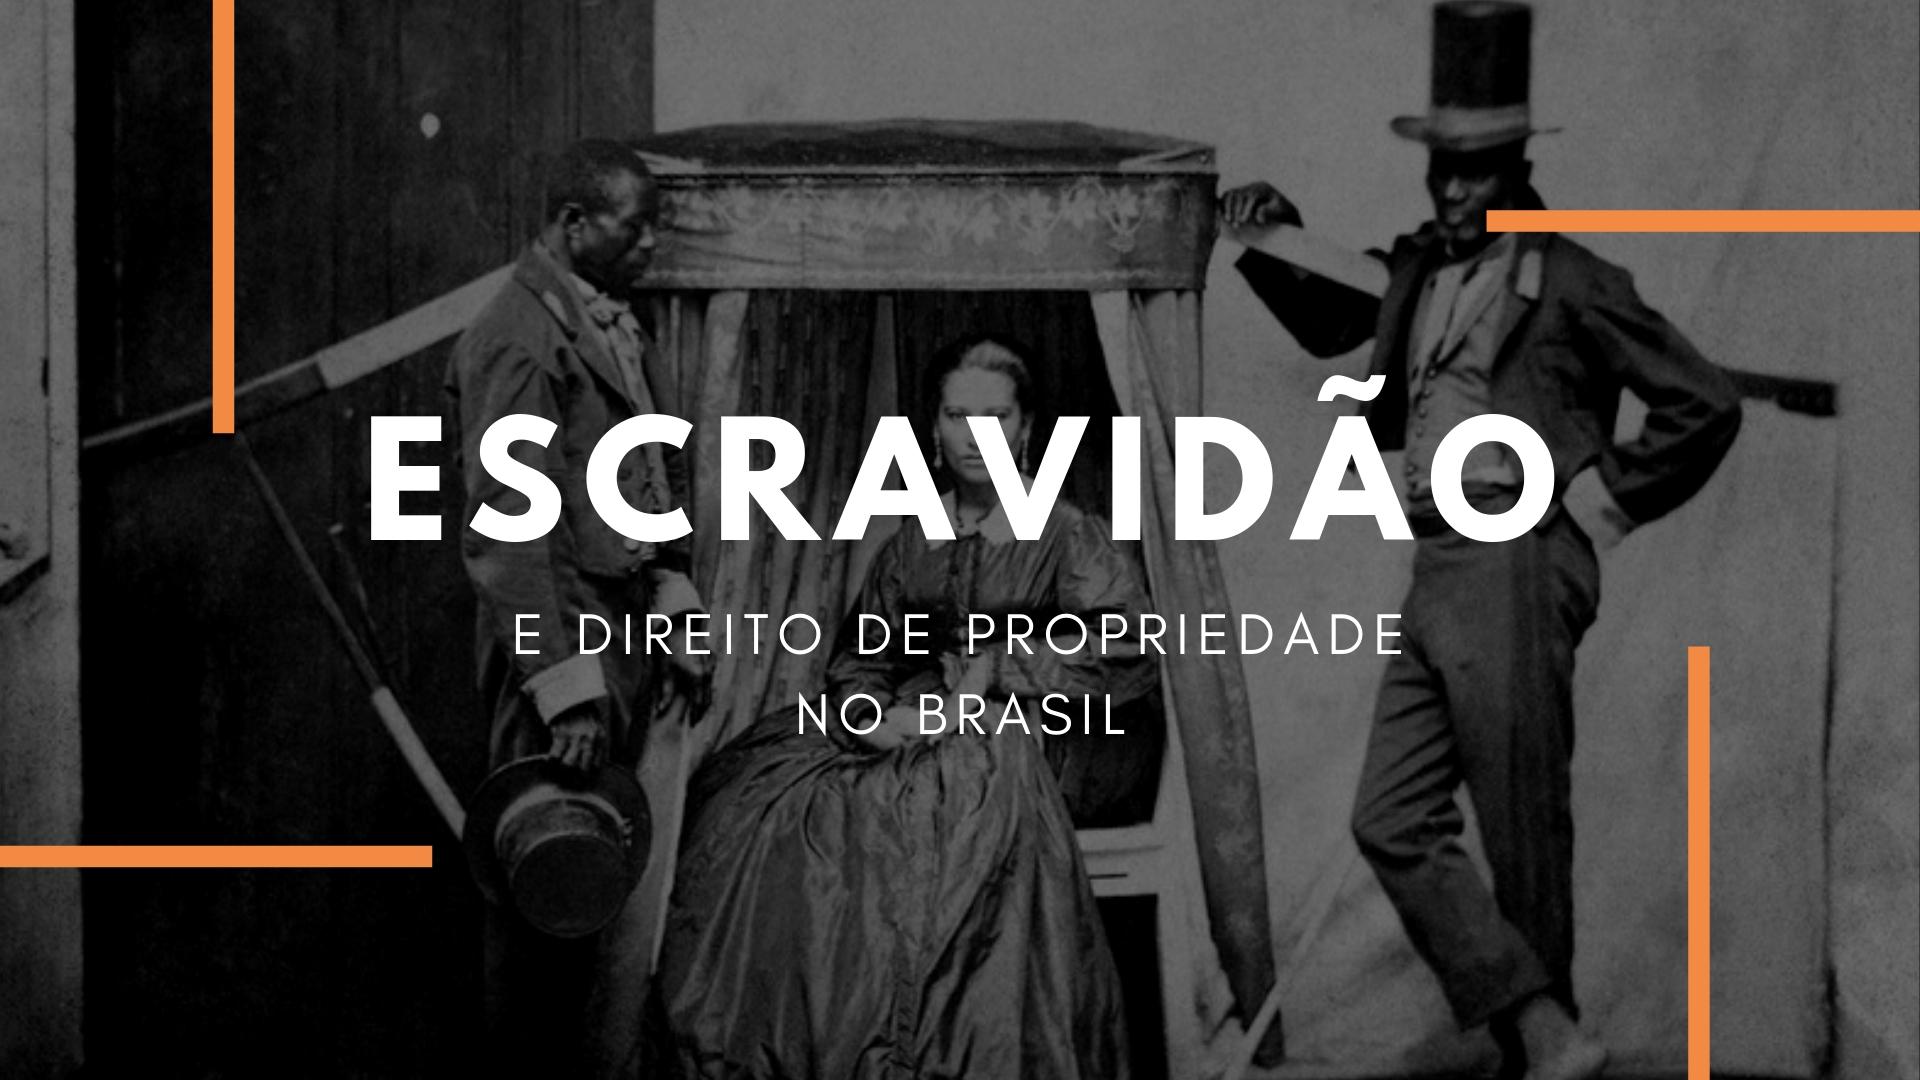 Sobre escravidão e direito de propriedade no Brasil